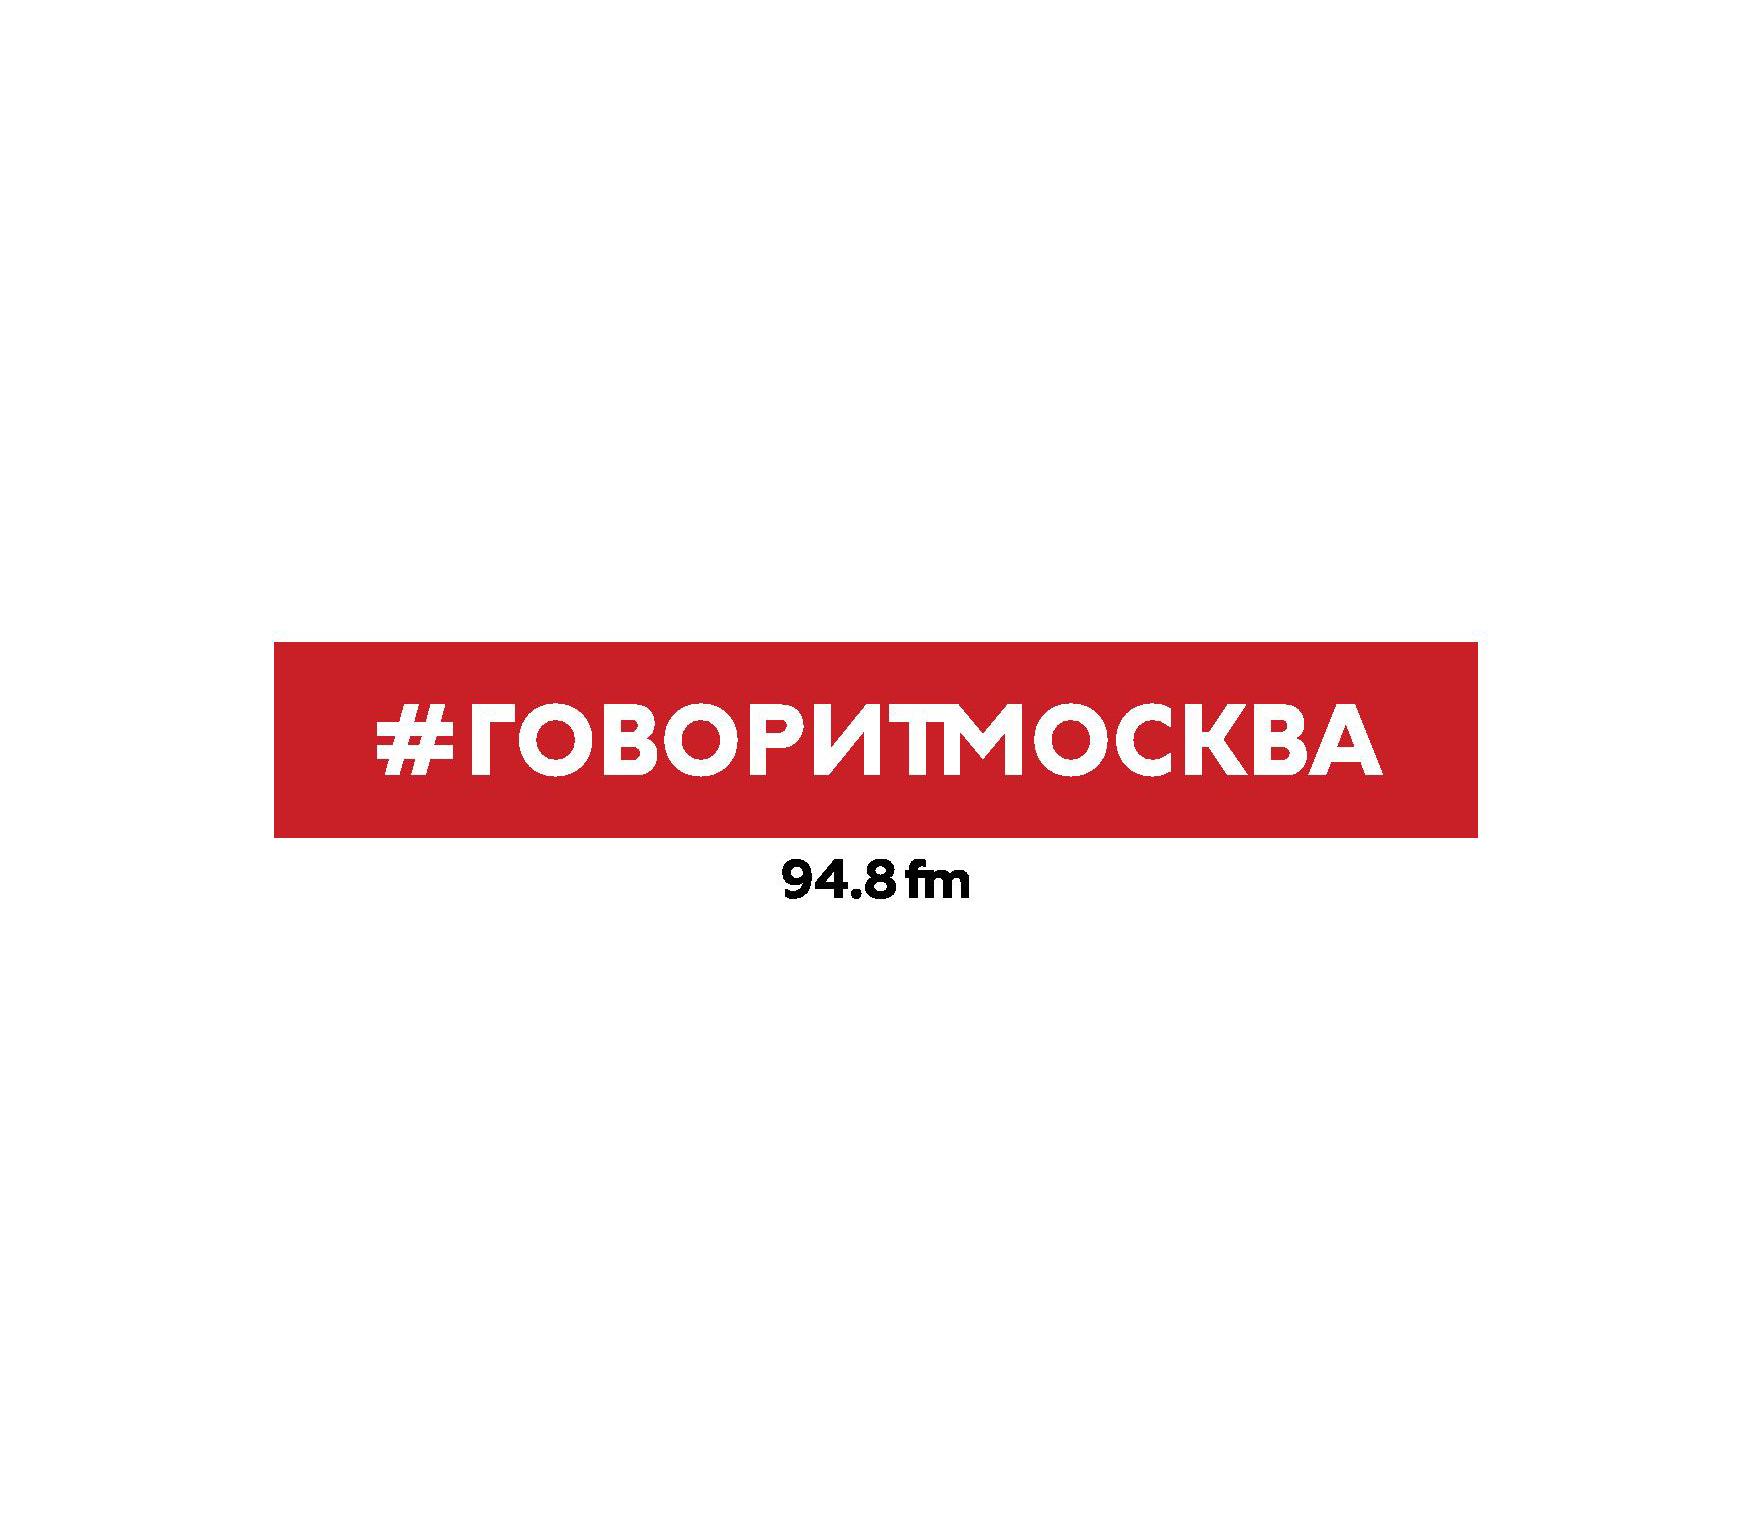 Макс Челноков 18 марта. Сергей Марков